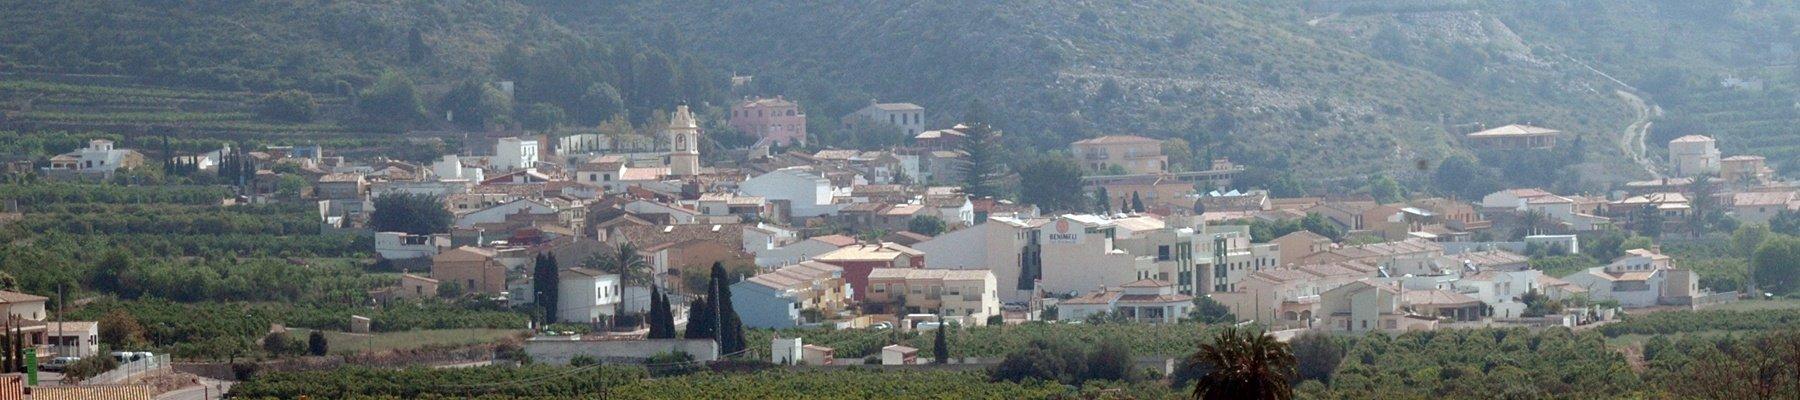 Información Socioeconómica y Laboral del Municipio de Benimeli